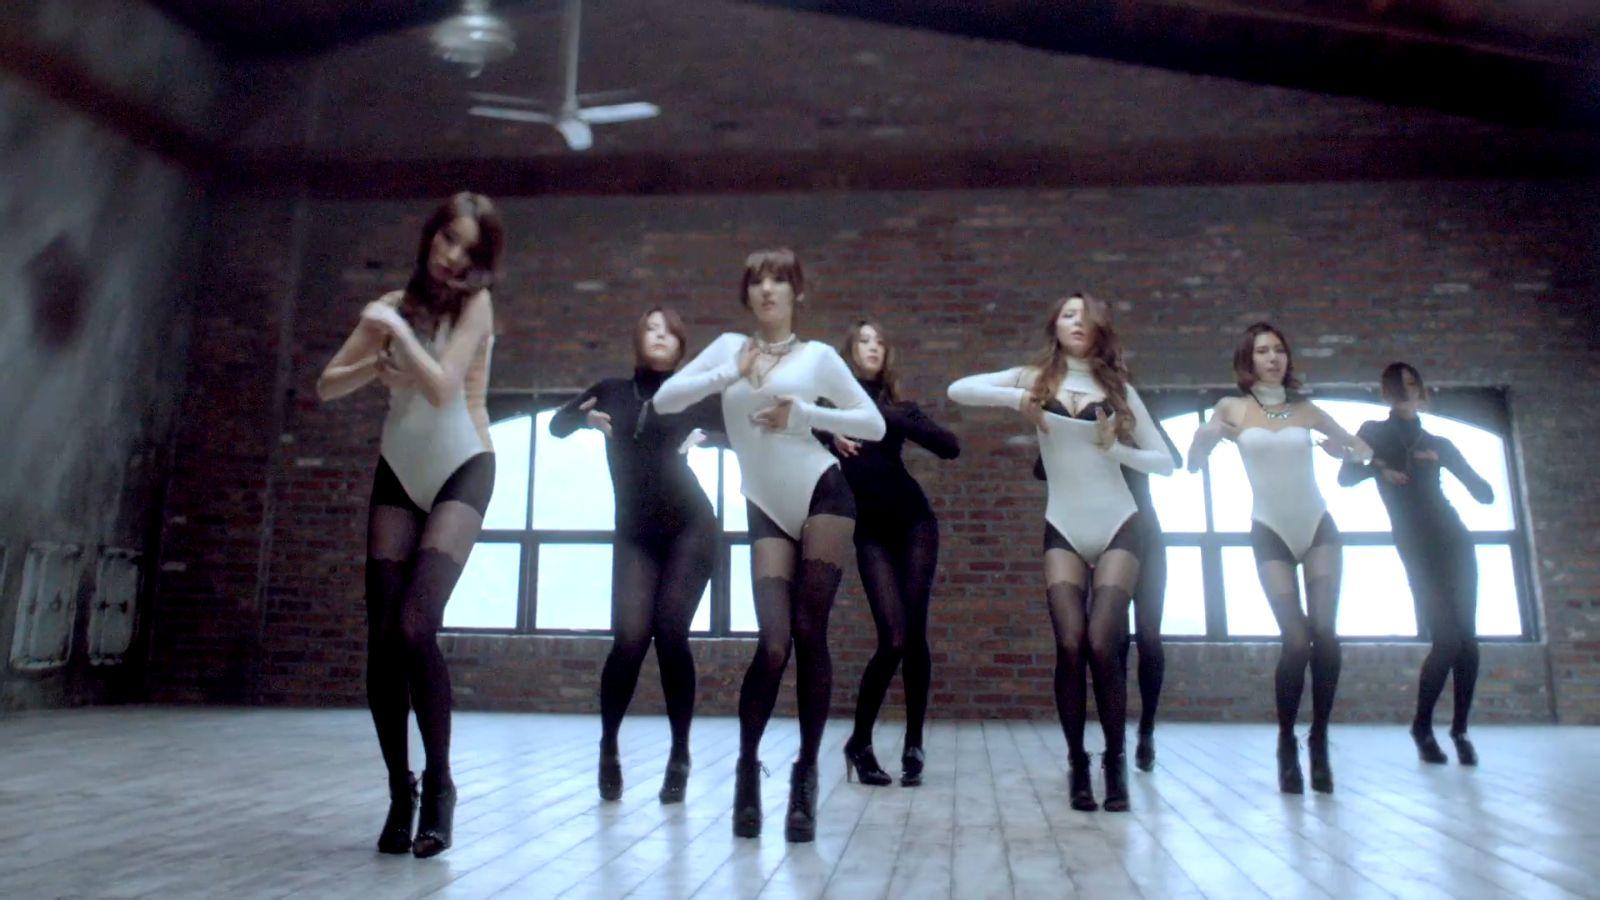 一个mv是几个韩国美女上面穿性感白色连衣裙有点像